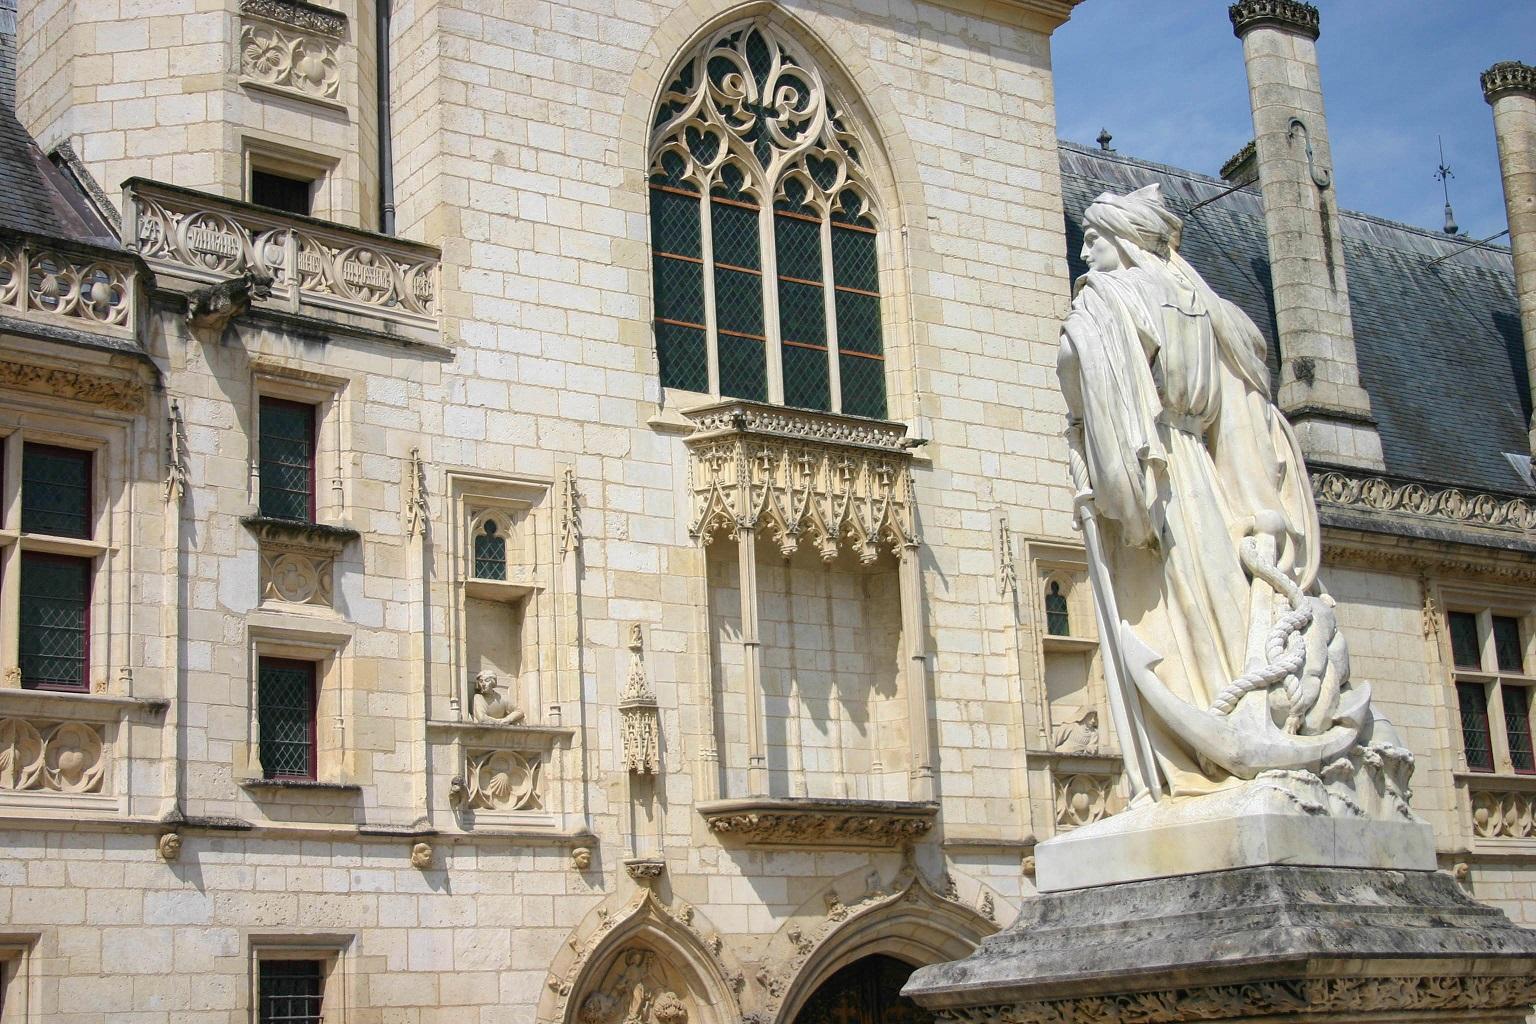 bourges-palais-jacques-coeur-ad2t-eliott_luciani-4